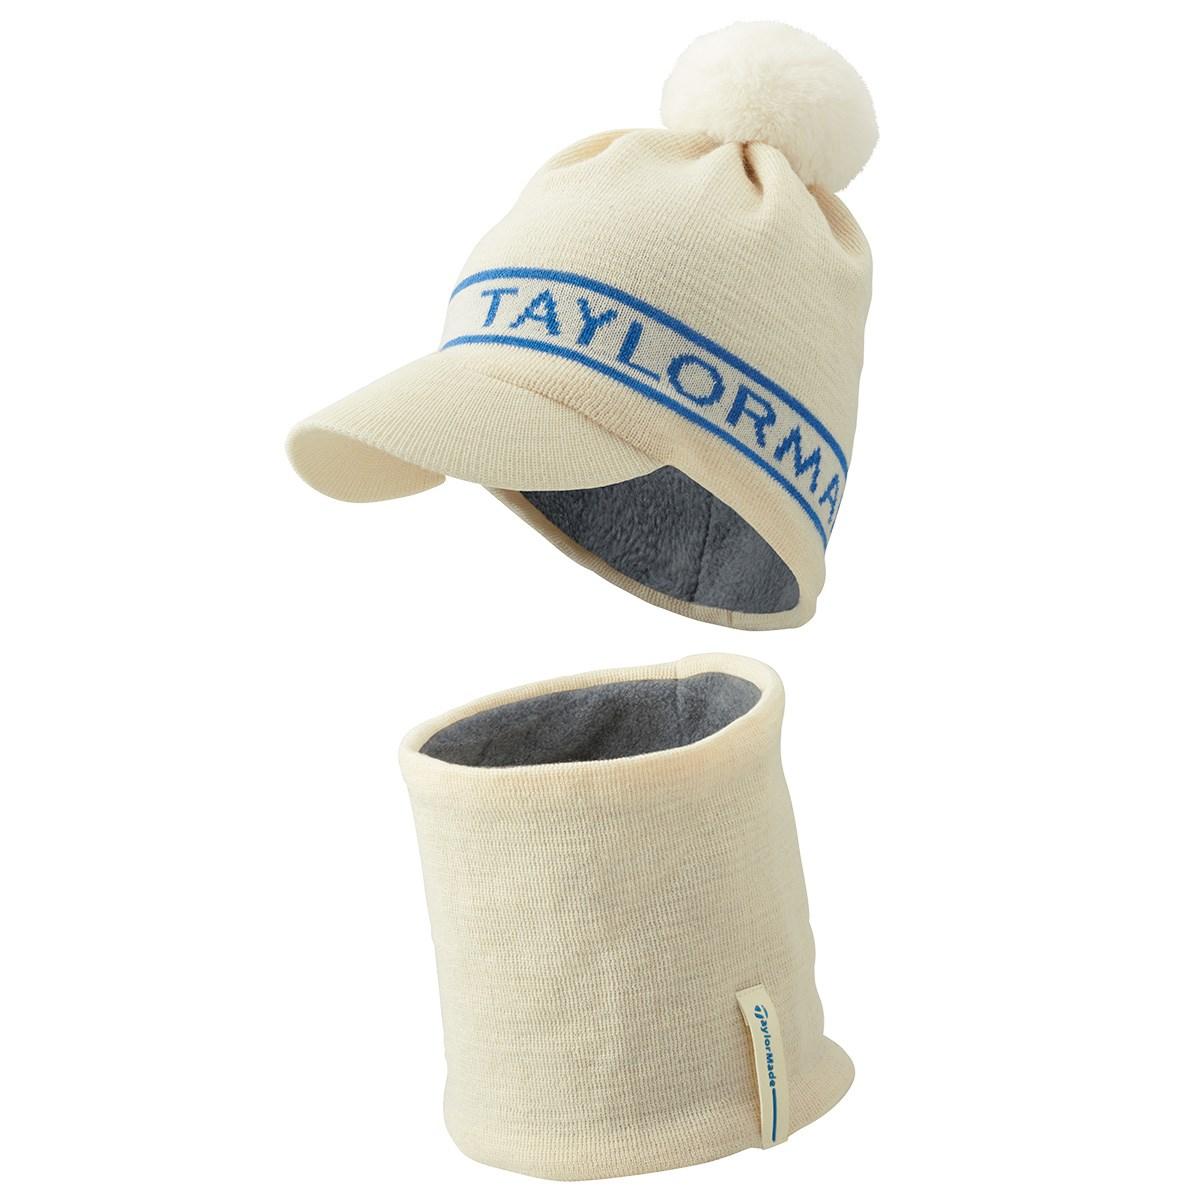 テーラーメイド Taylor Made ニットキャップ&ネックウォーマー フリー ホワイト レディス